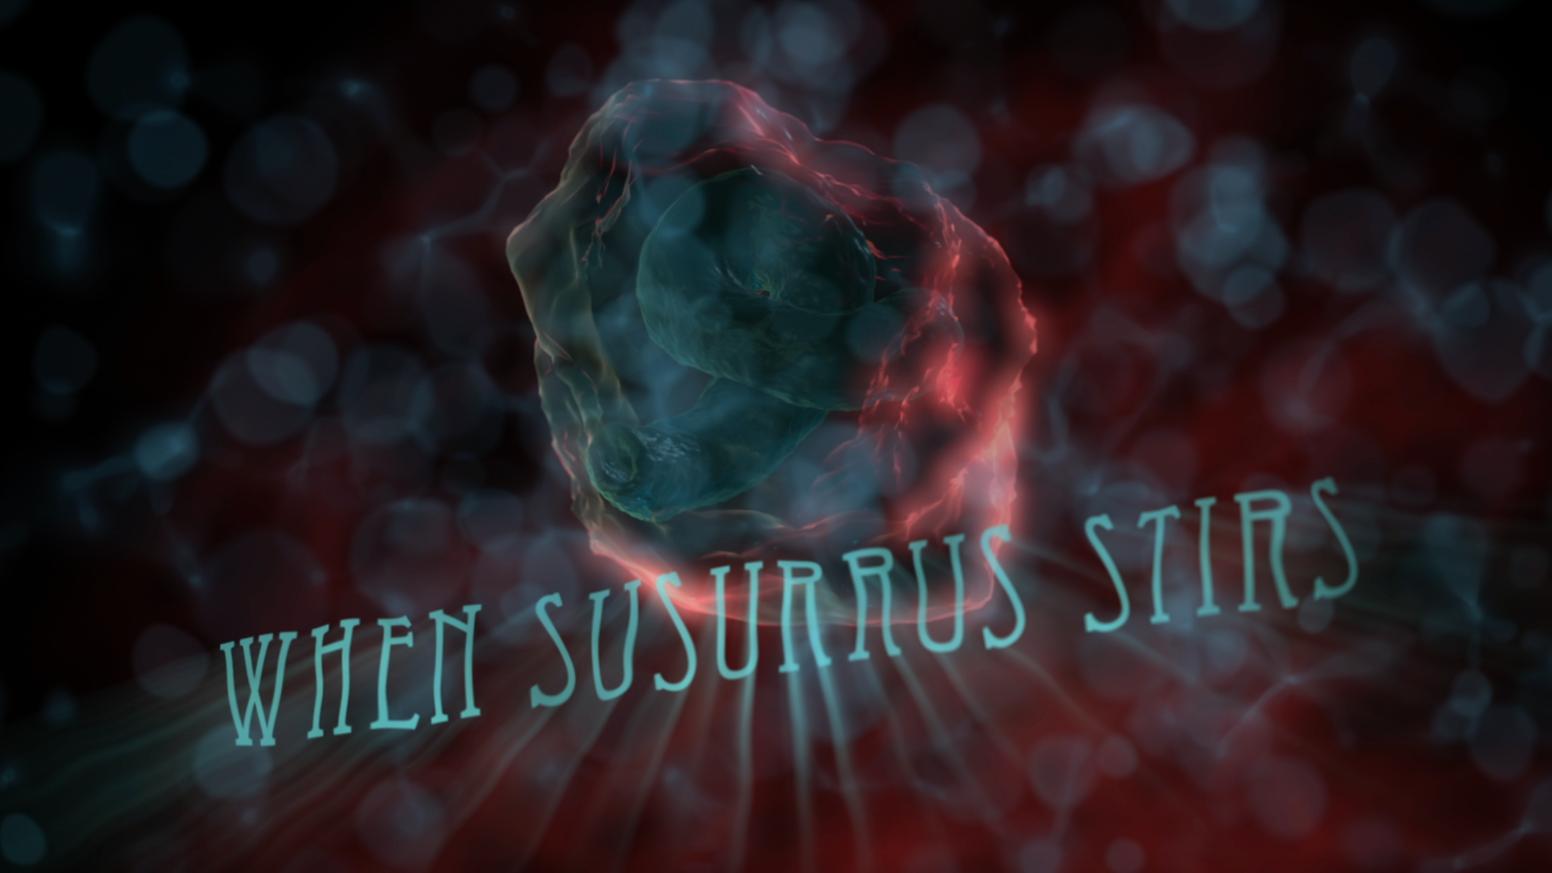 [KURZFILM]: When Susurrus Stirs